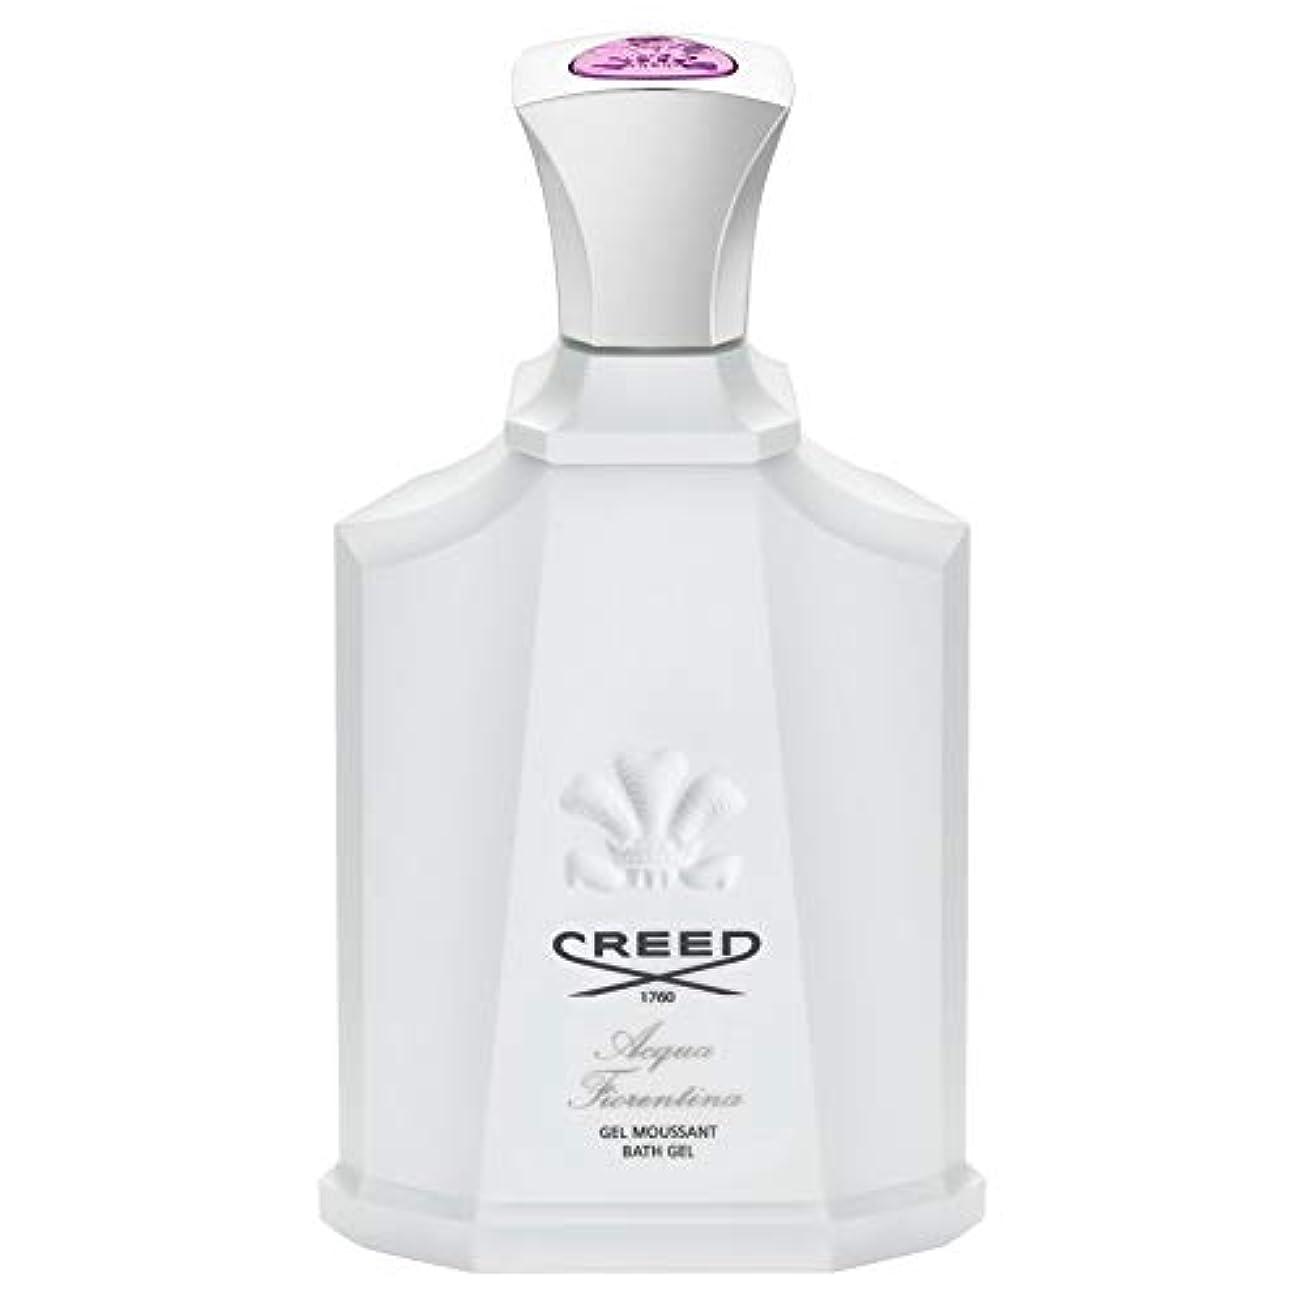 決定精巧な本会議[CREED] 信条アクアフィオレンティーナシャワージェル200Ml - Creed Acqua Fiorentina Shower Gel 200ml [並行輸入品]